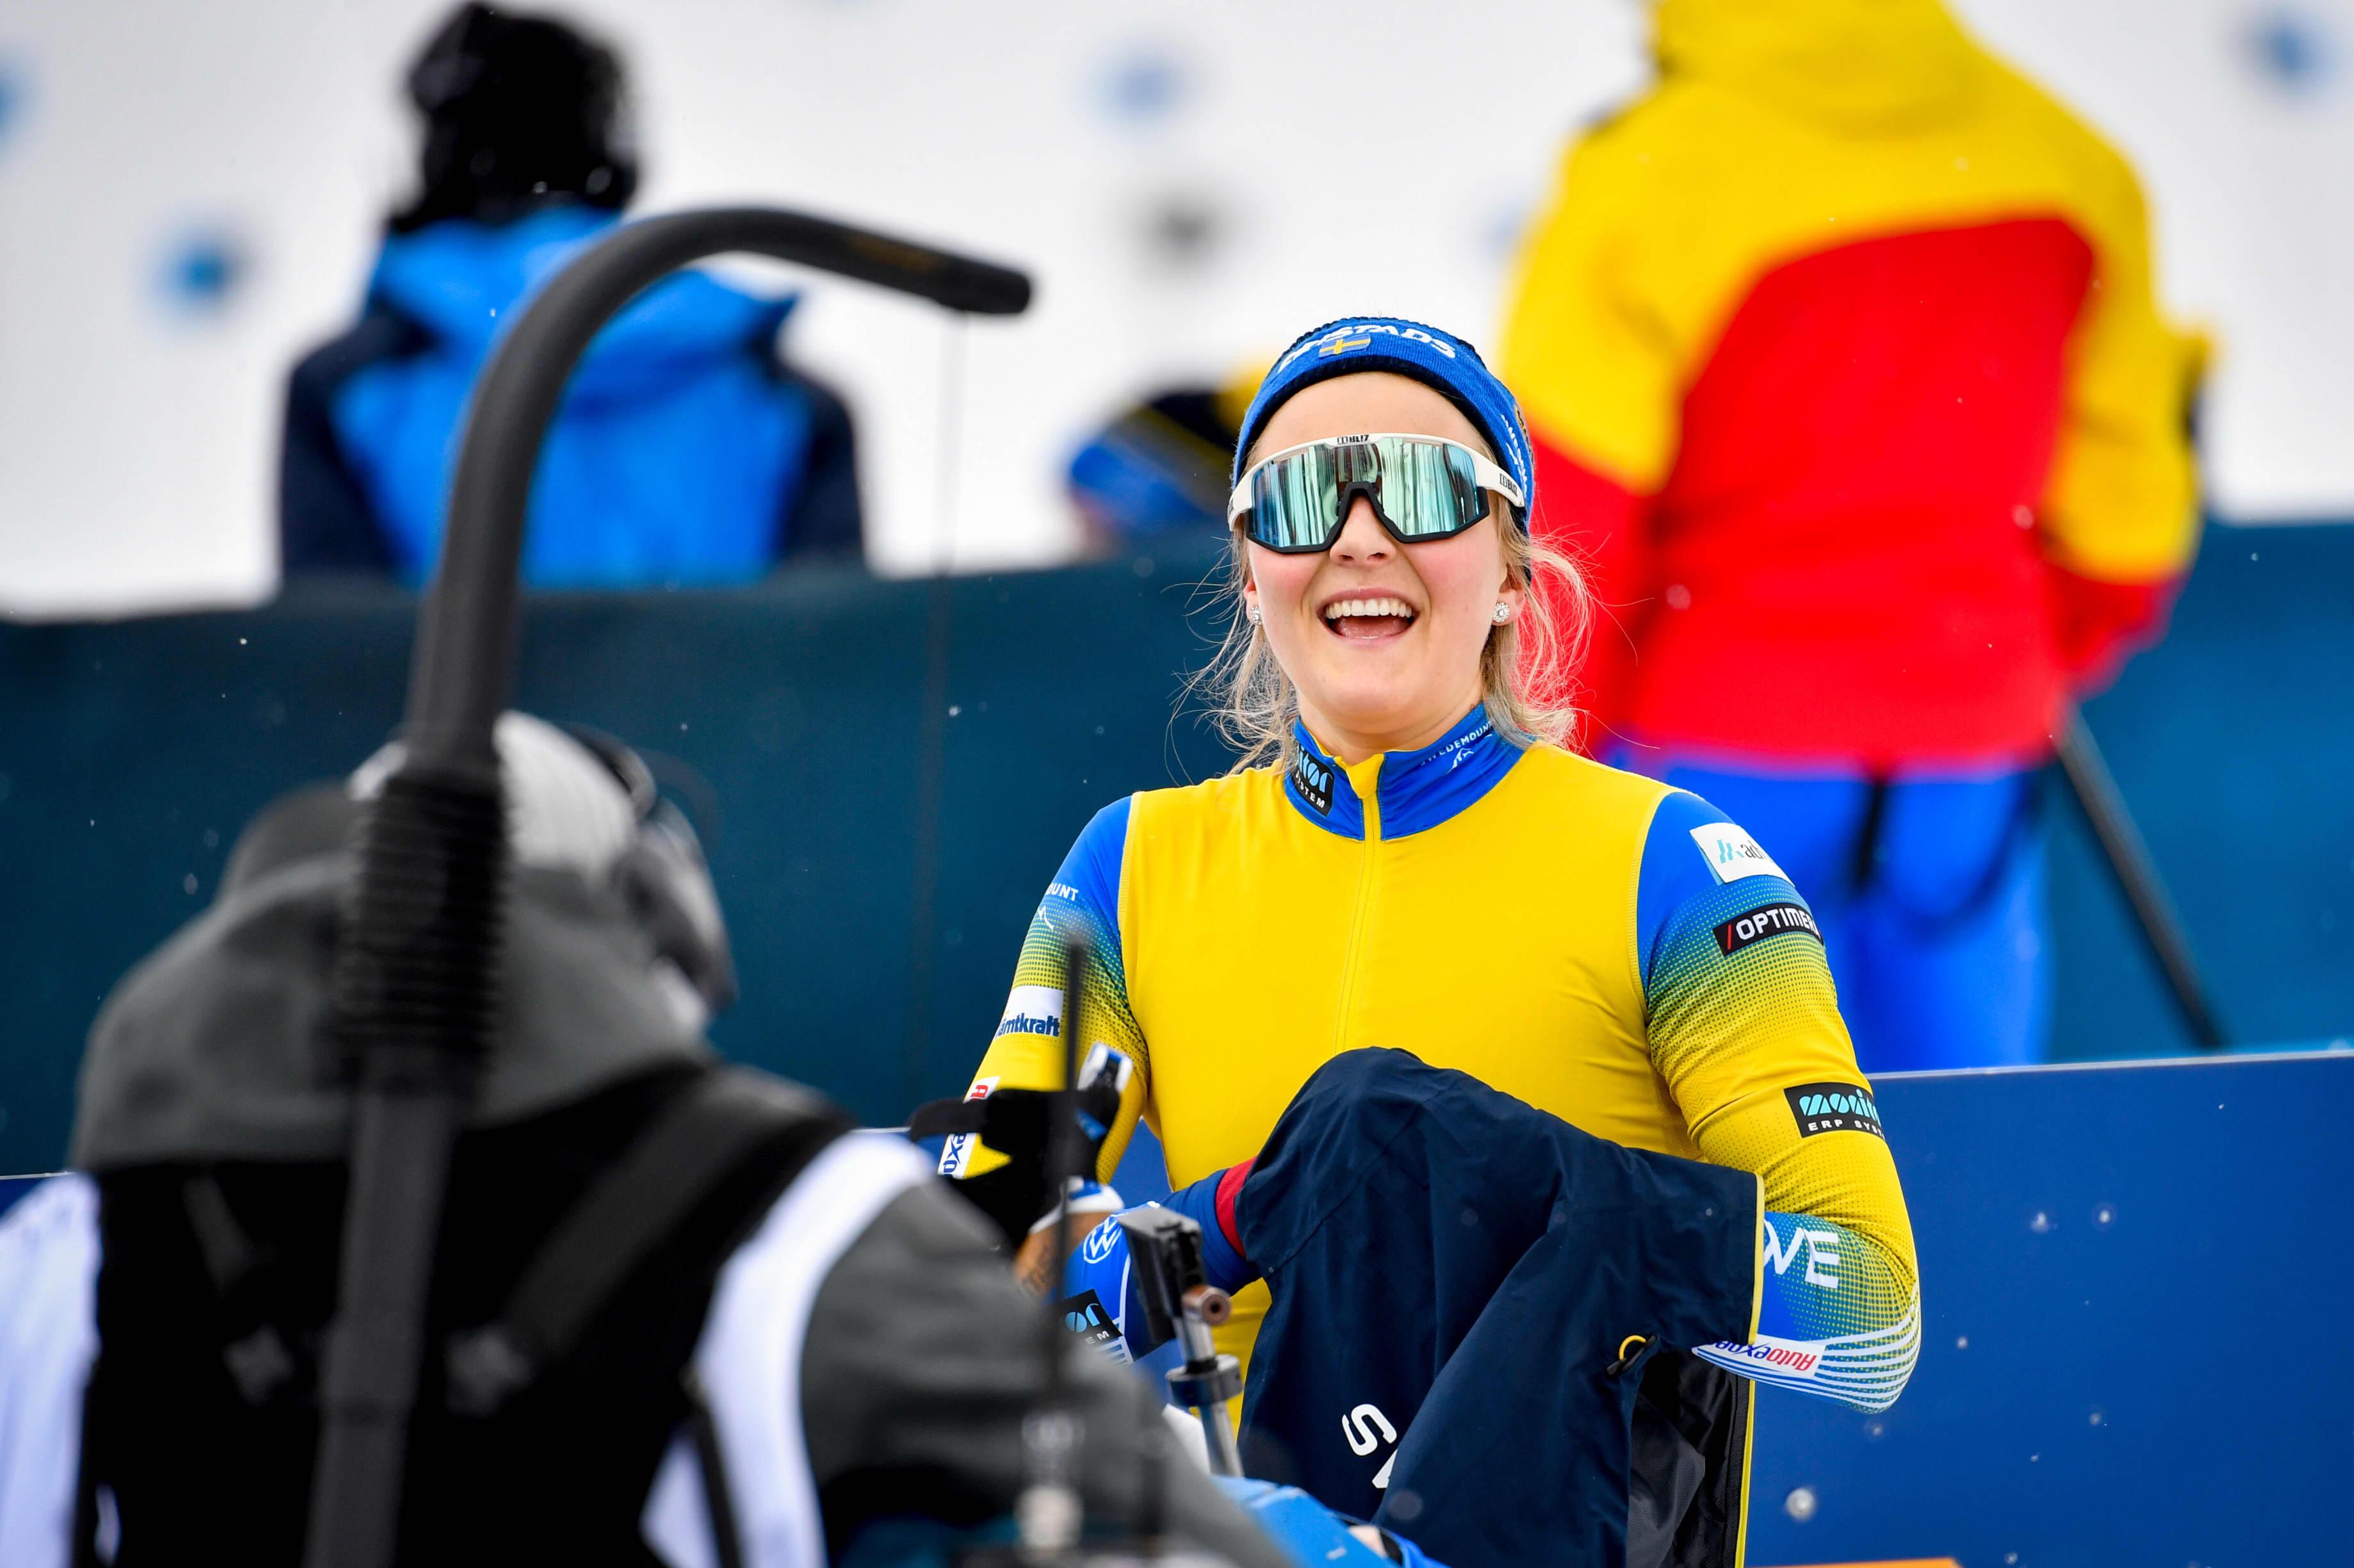 Stina Nilsson hymyilee hiihtolasit silmillään pikakisan maalissa.